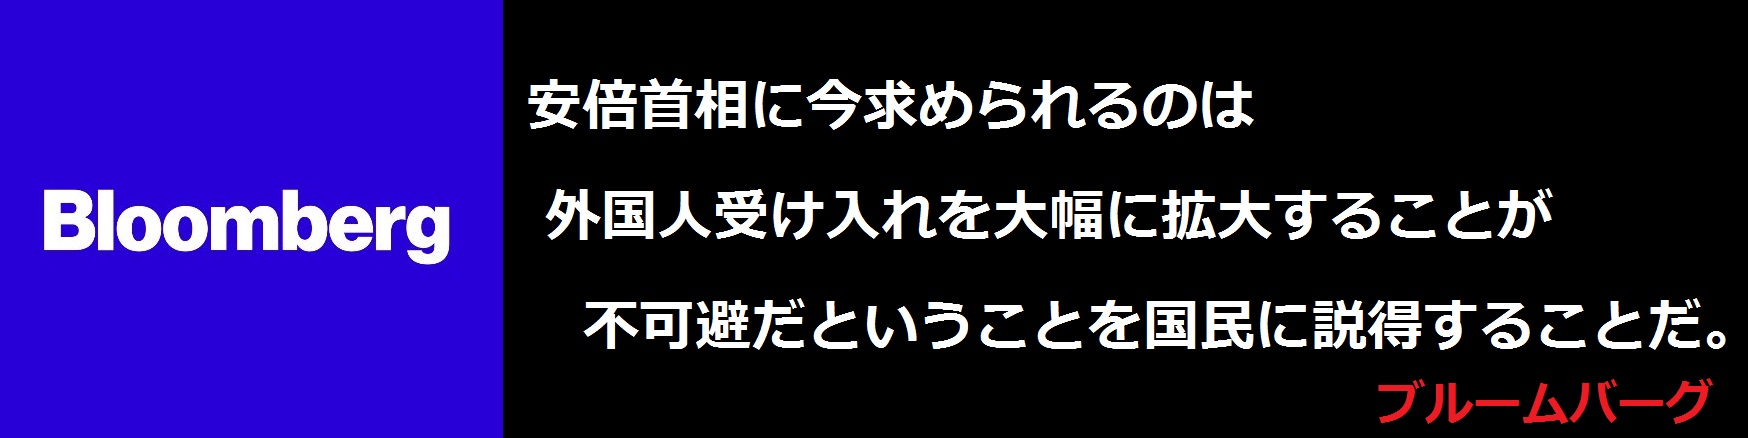 f:id:JAPbuster:20170421141927j:plain